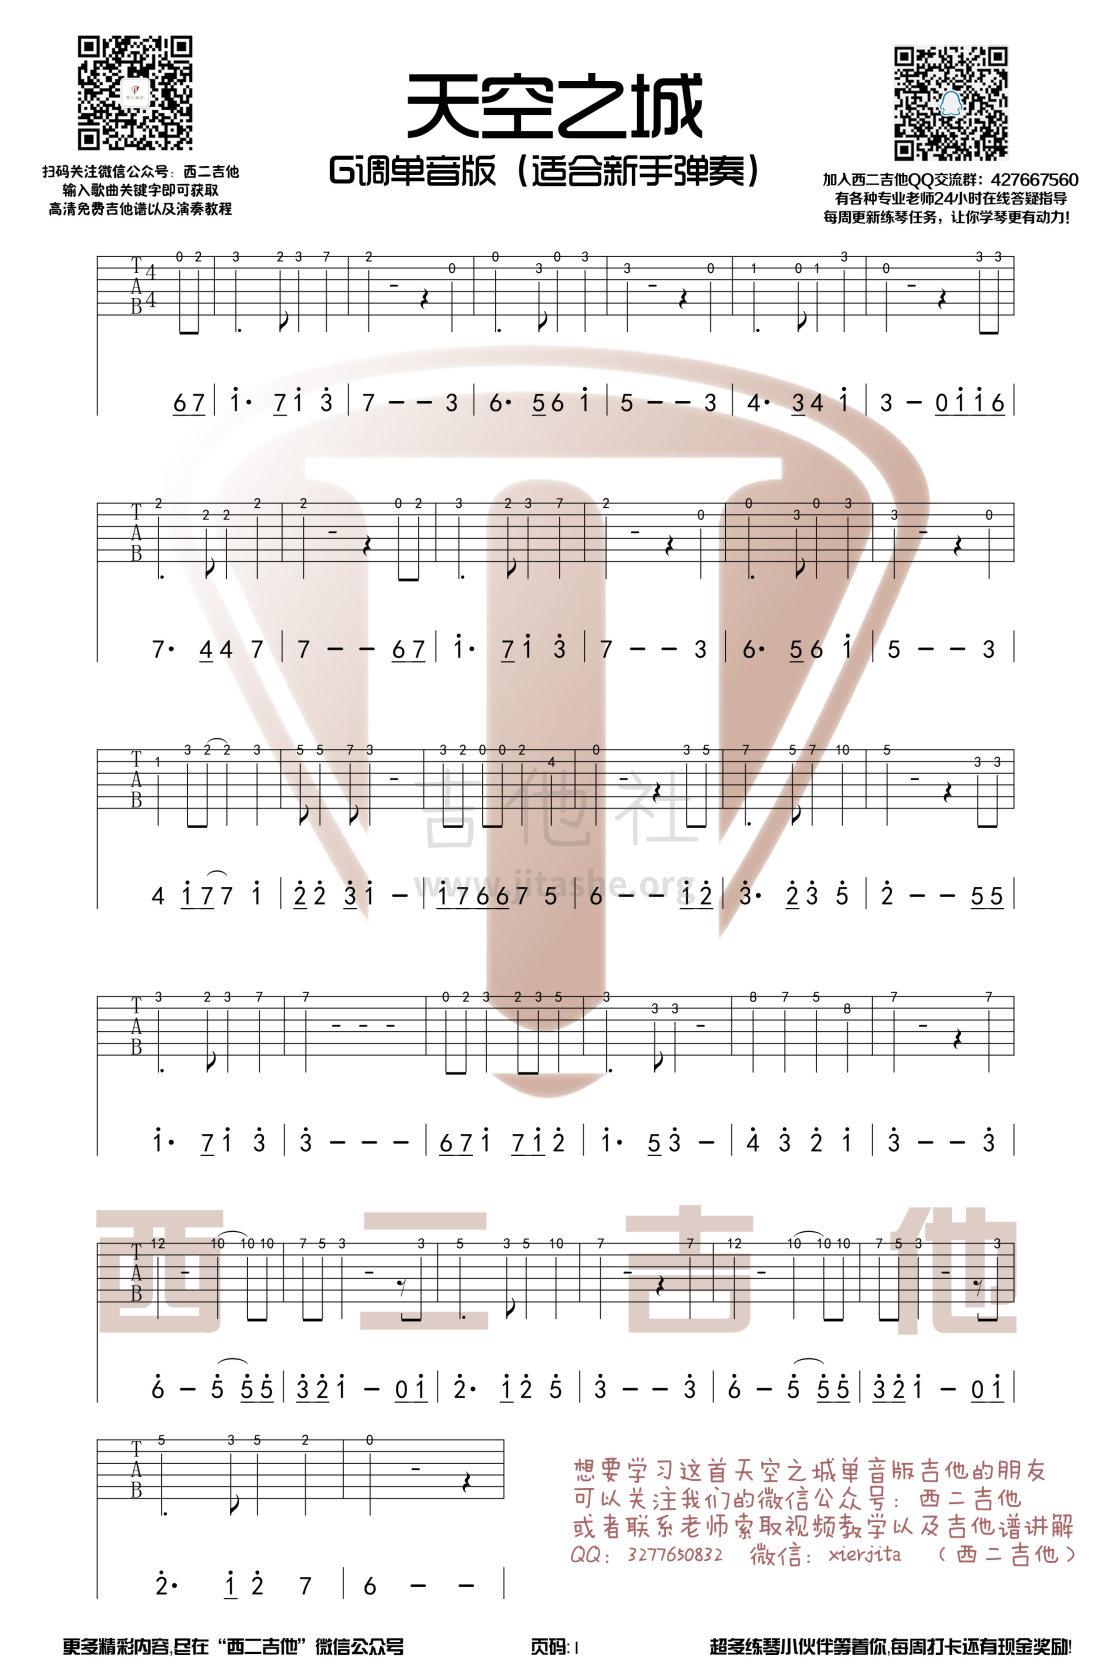 天空之城(单音版)【西二吉他】吉他谱(图片谱,西二吉他,天空之城,单音吉他谱)_动漫游戏(ACG)_天空之城单音版.jpg